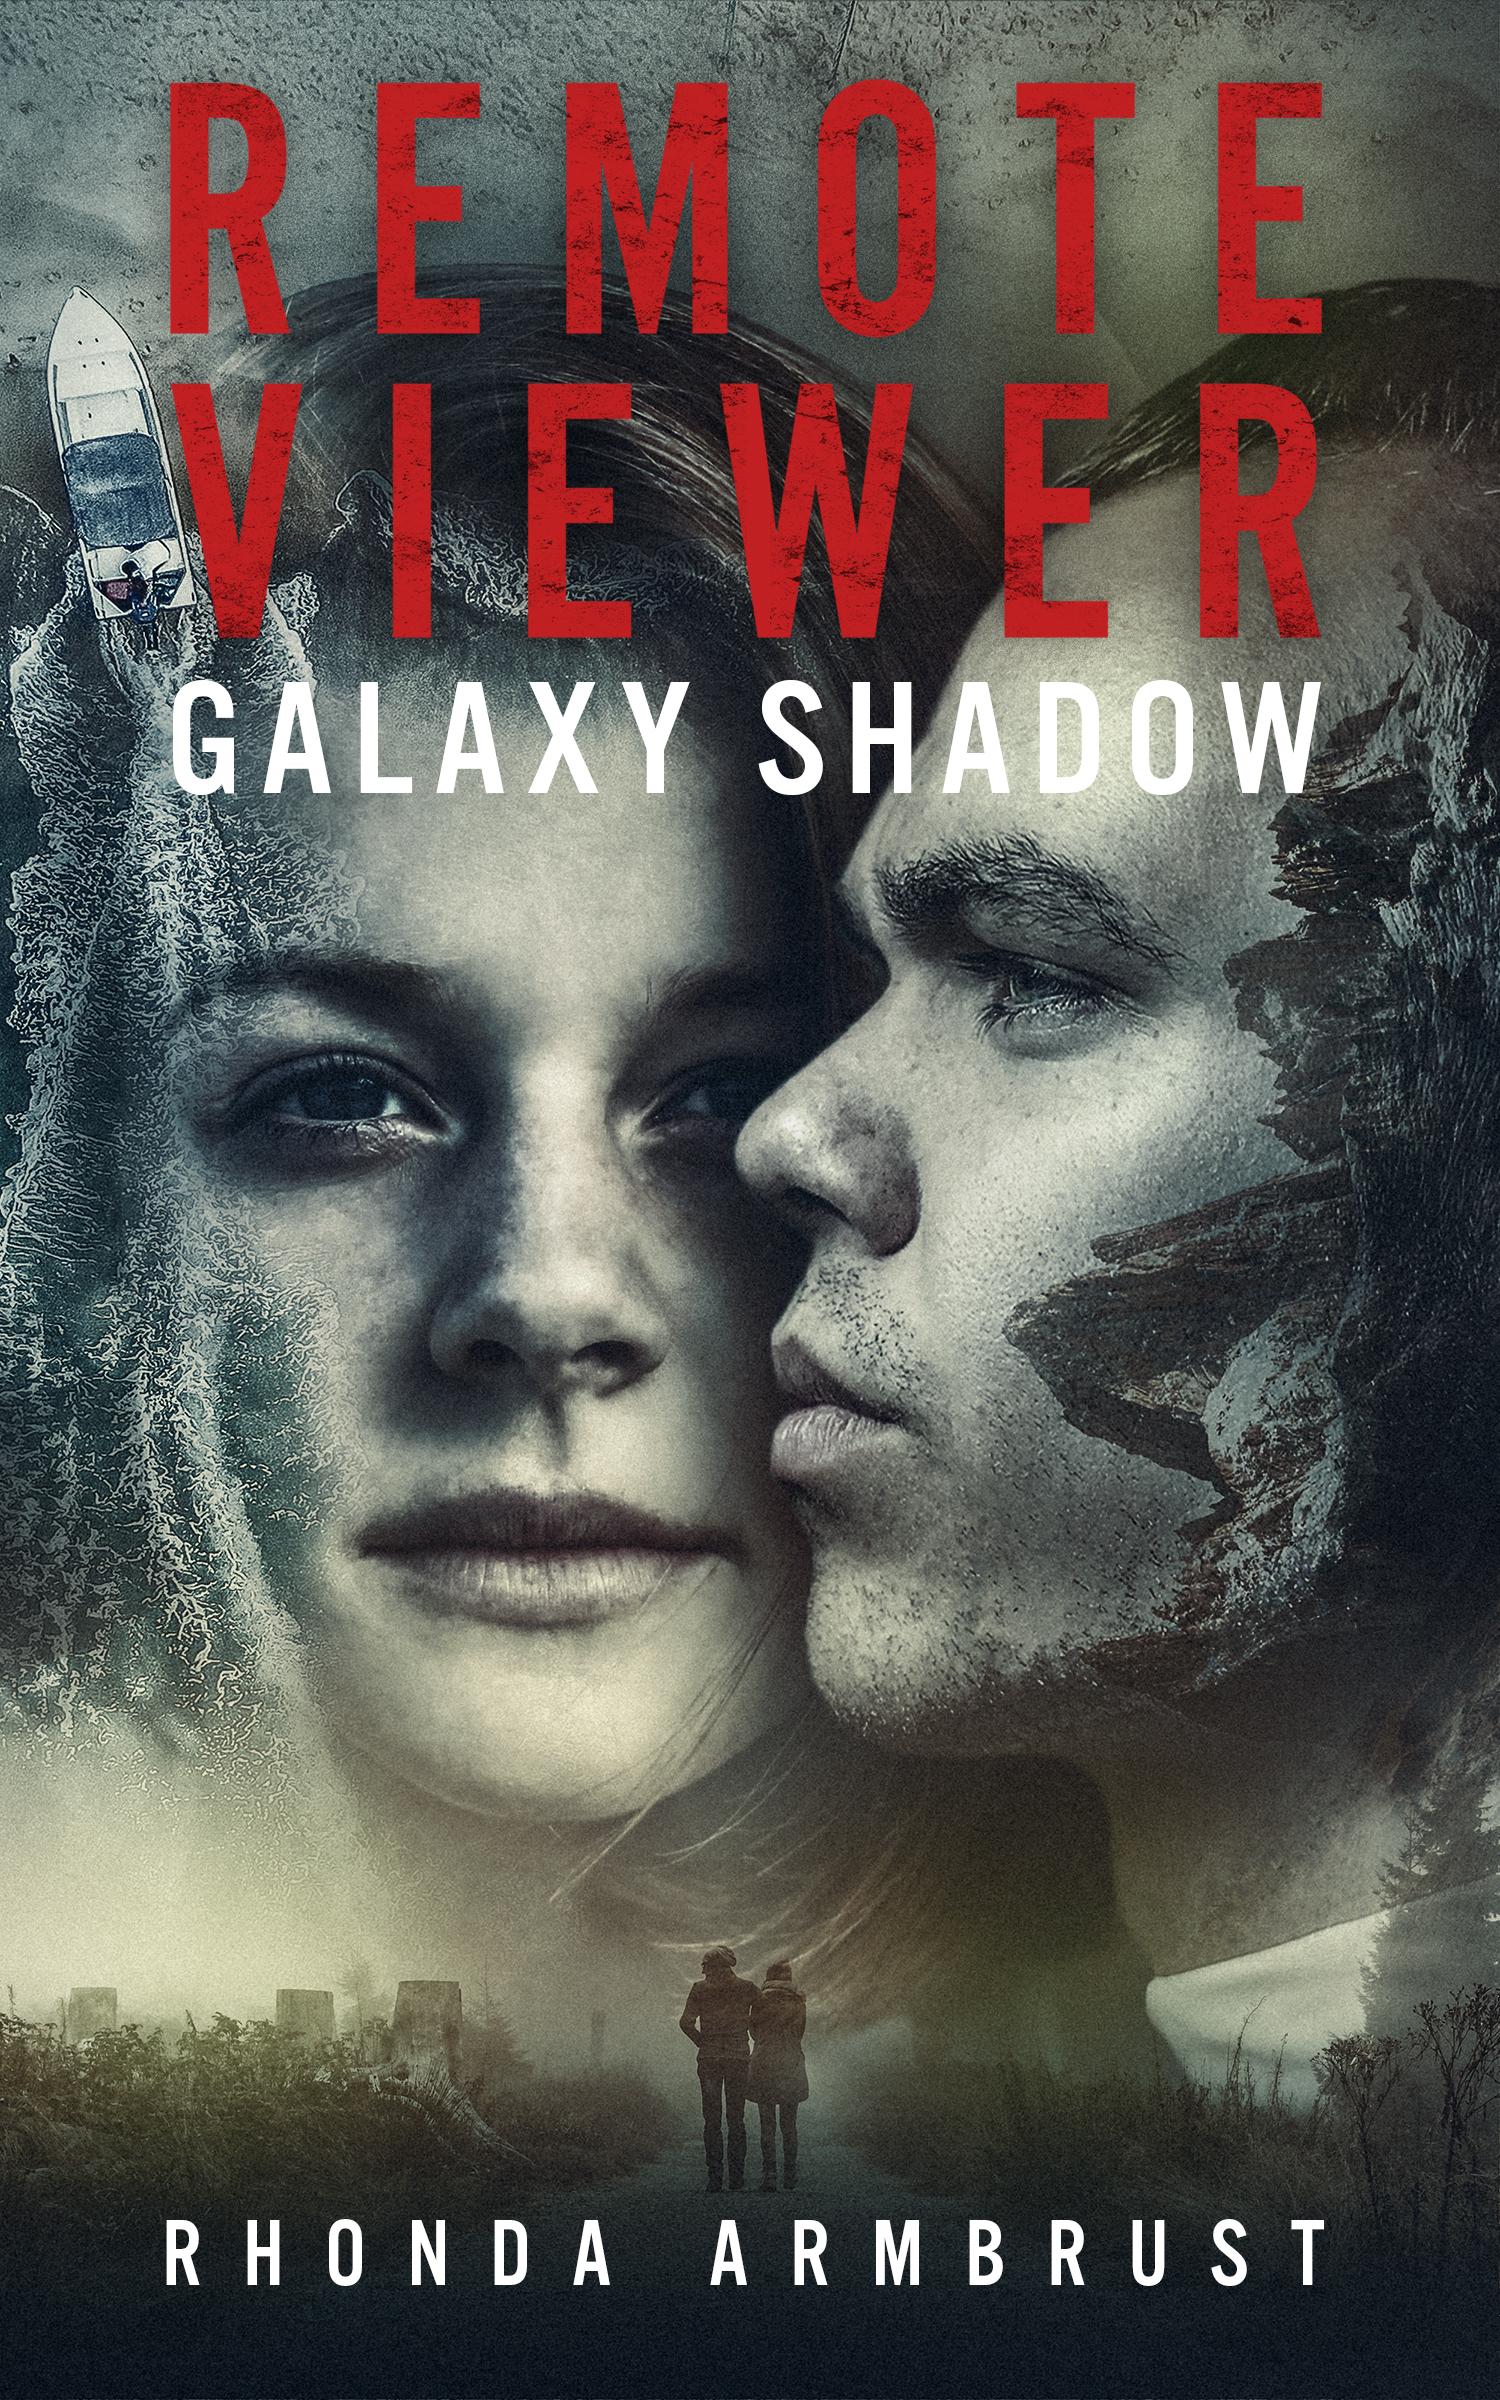 finalGalaxyShadowEbookCover (1) copy